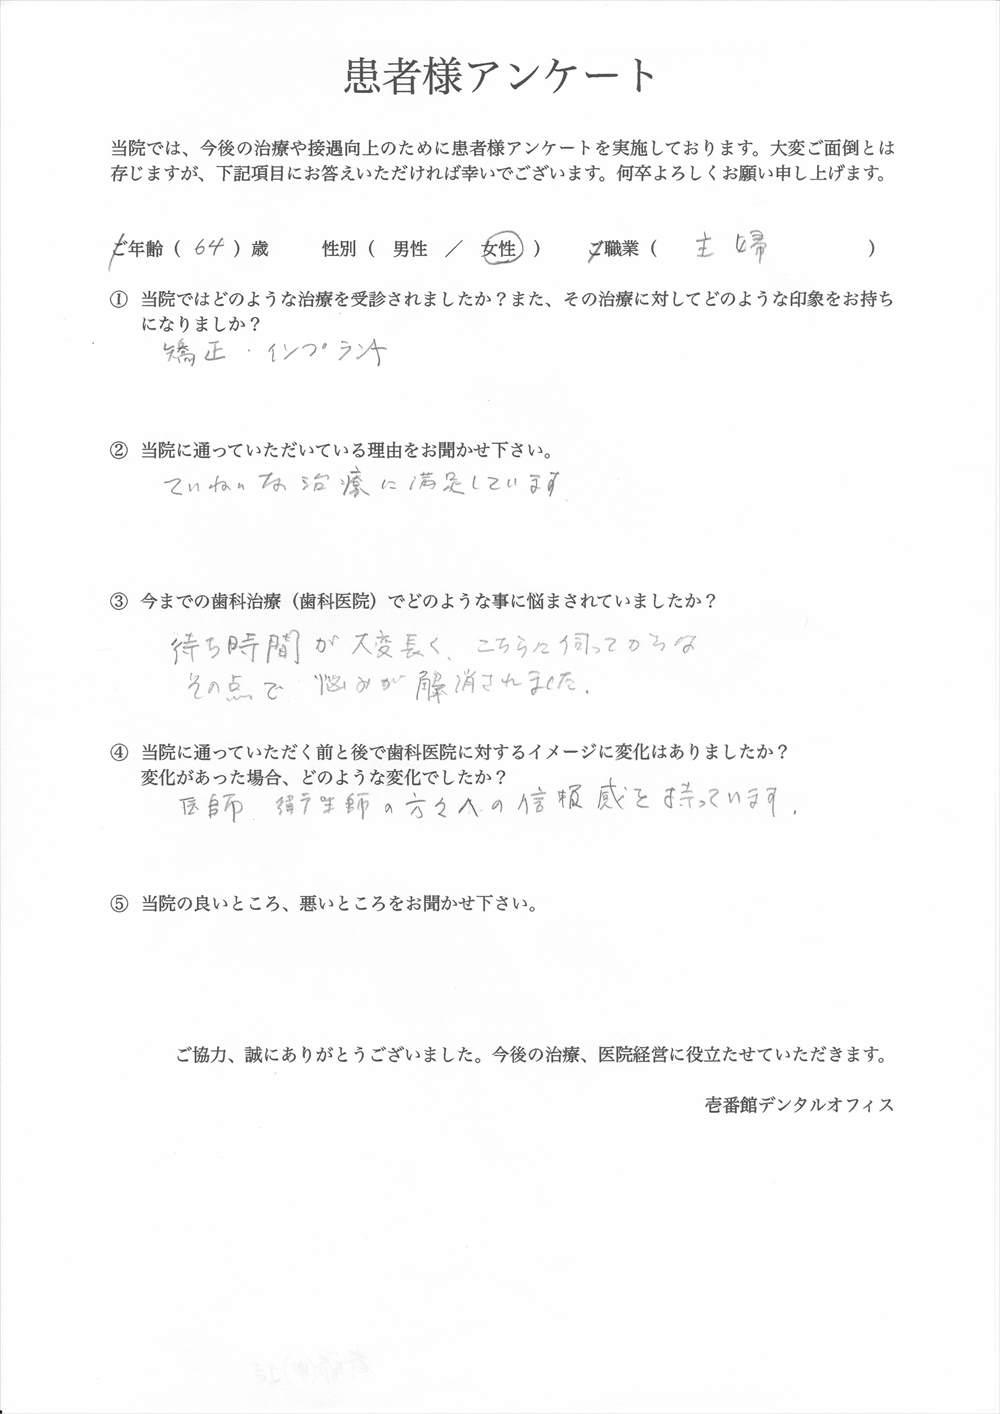 壱番館デンタルオフィス口コミ評判アンケート12